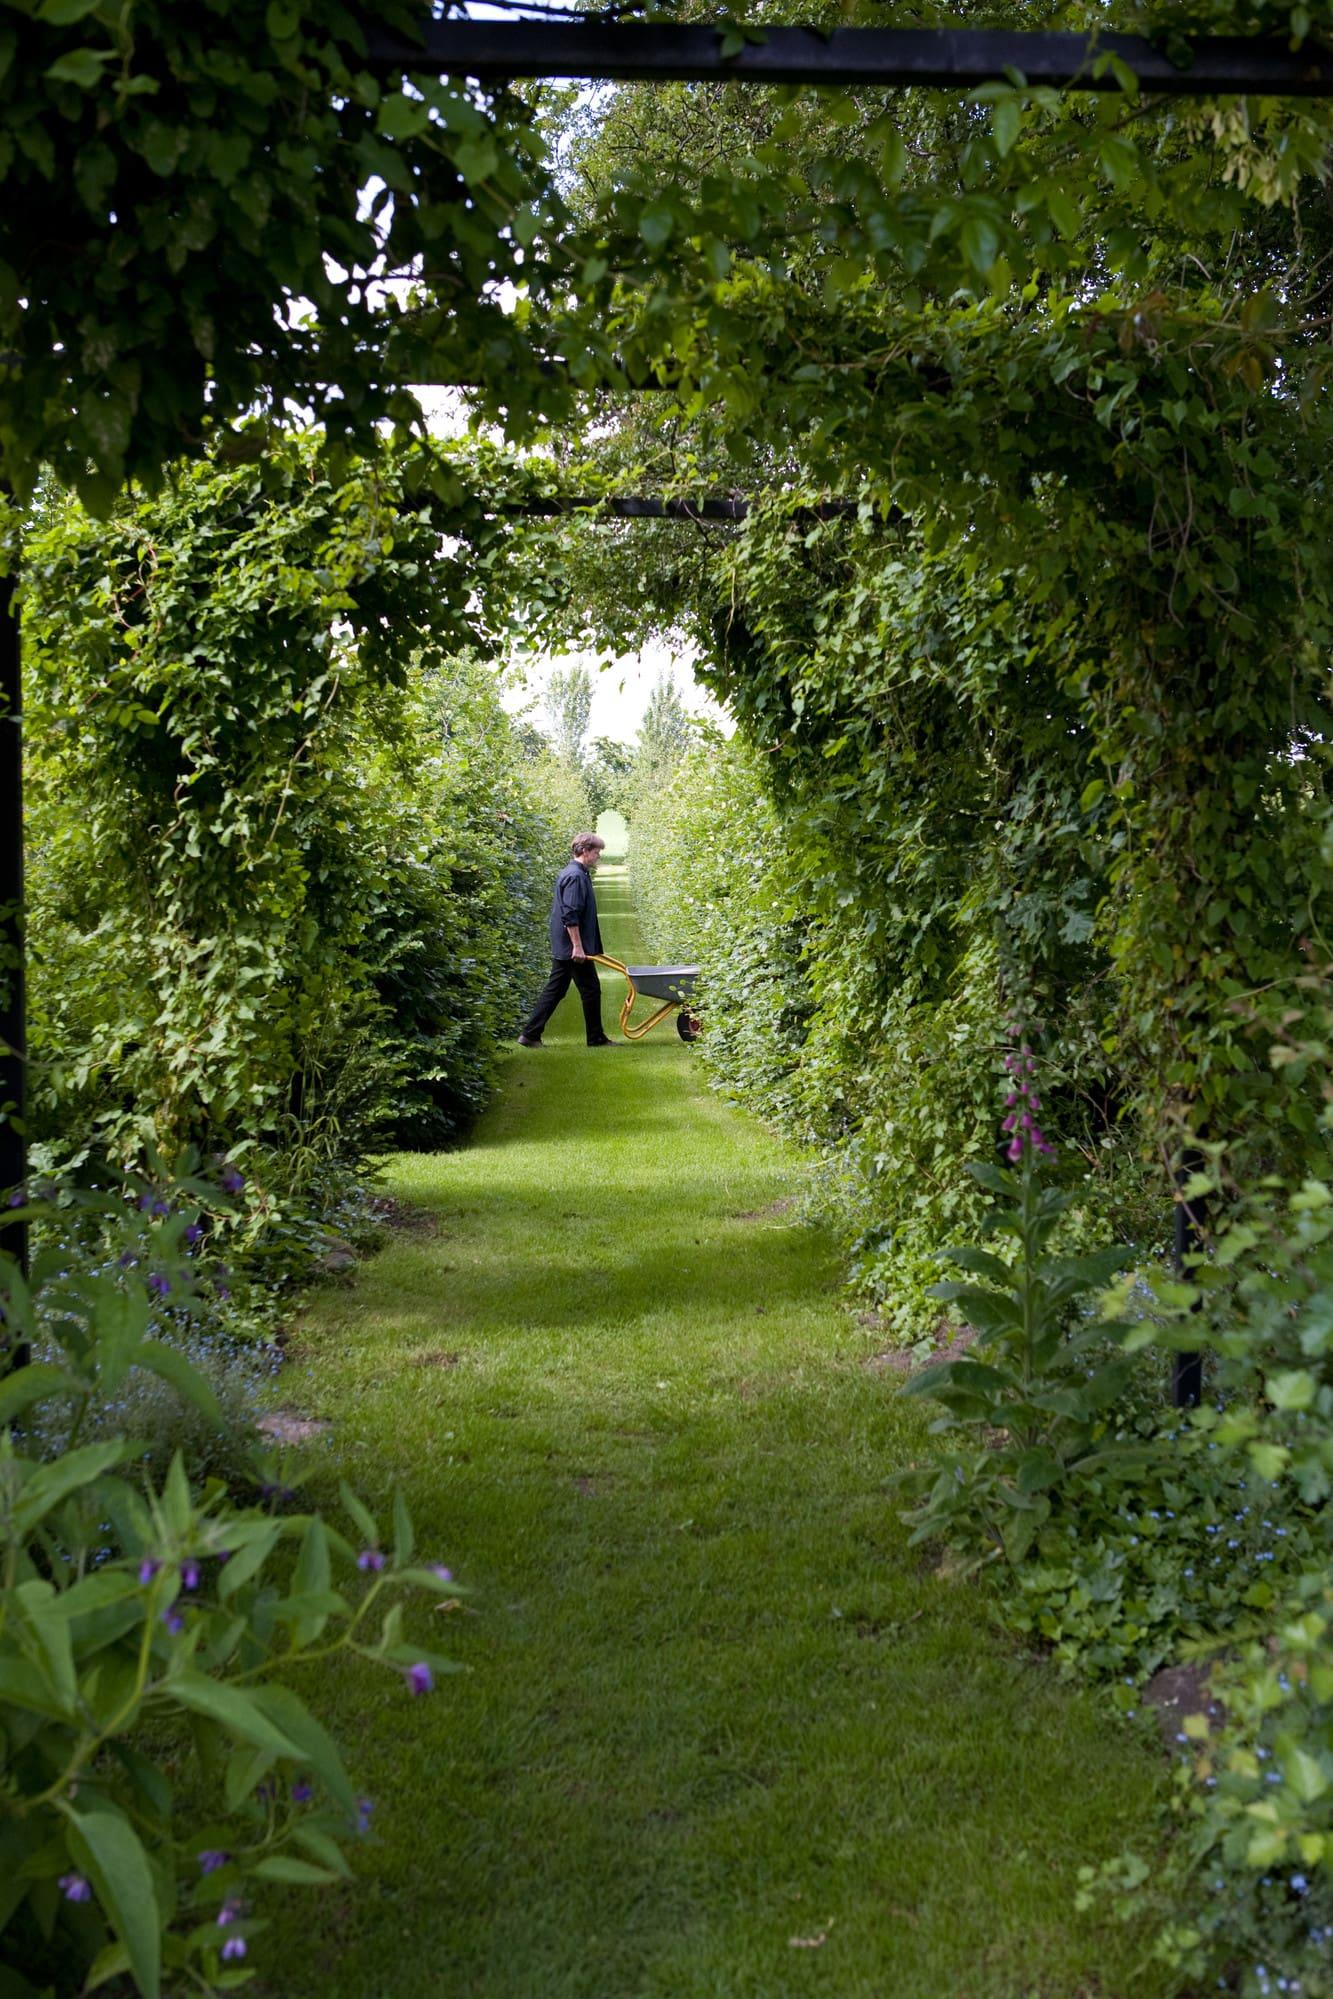 Kjeld med skottkärran i kavaljergången. Den löper genom hela trädgården, på pergolan växter klängrosor bland annat Rosa Arvensis splendens och Felicite parmentier samt bokharabinda.